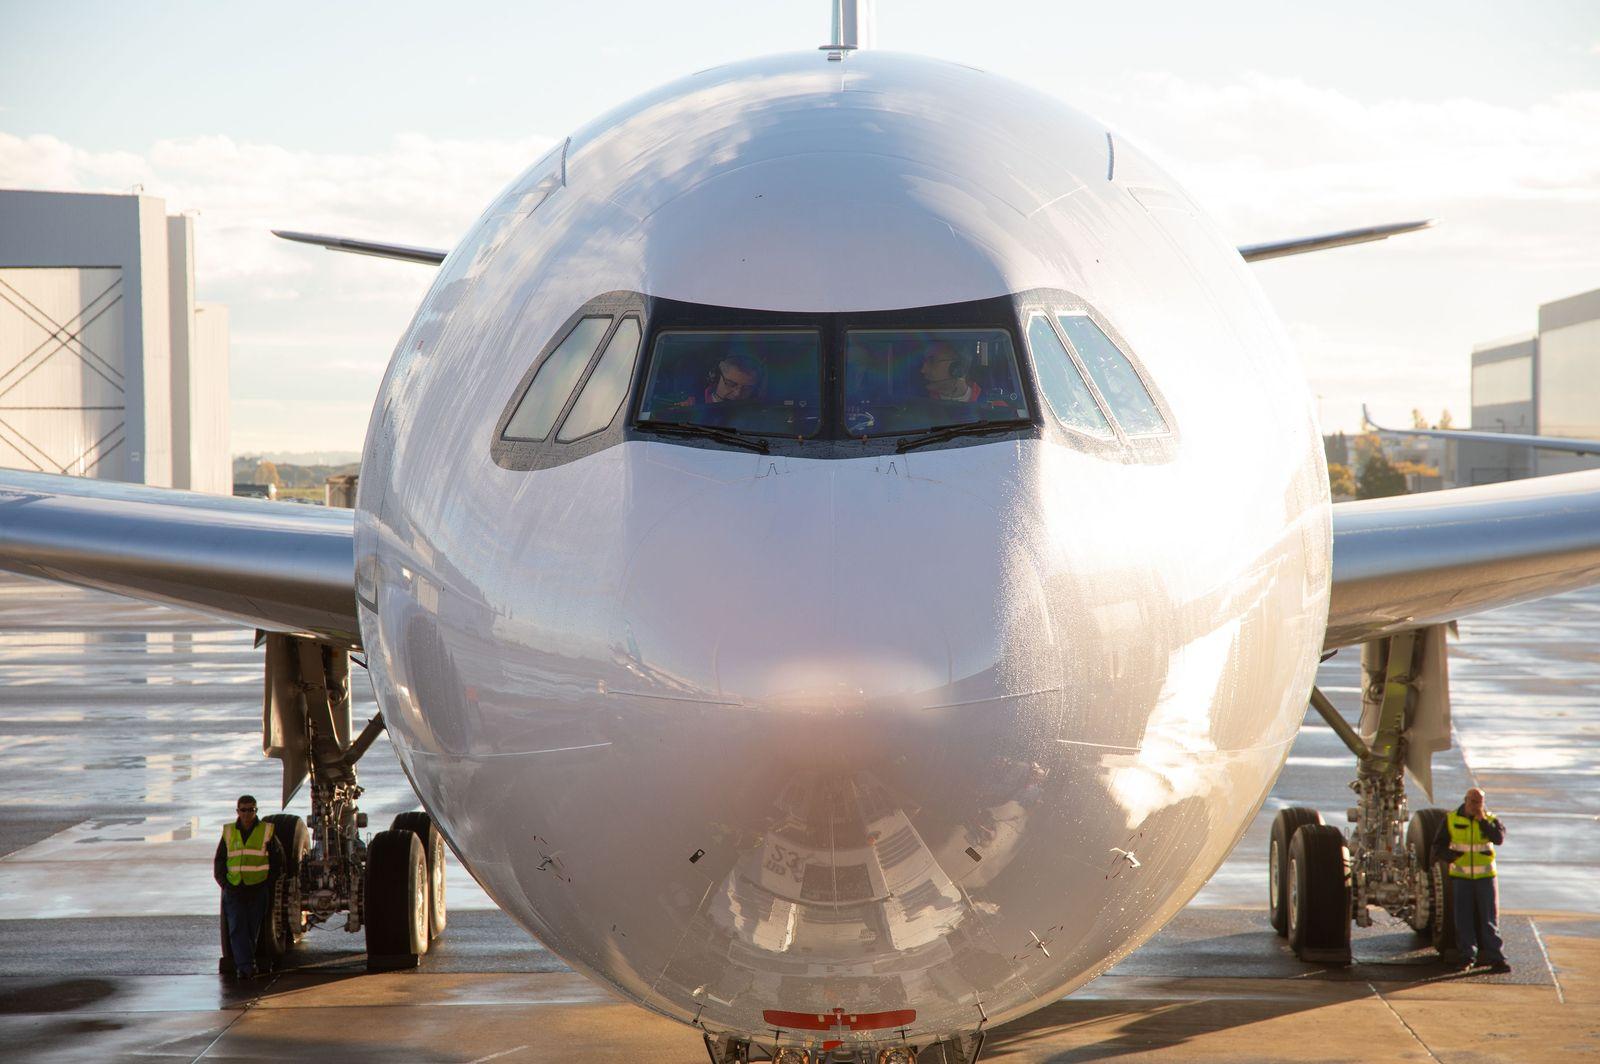 Knapp-halbe-Milliarde-deutsche-Forschungs-und-F-rdermittel-f-r-Airbus